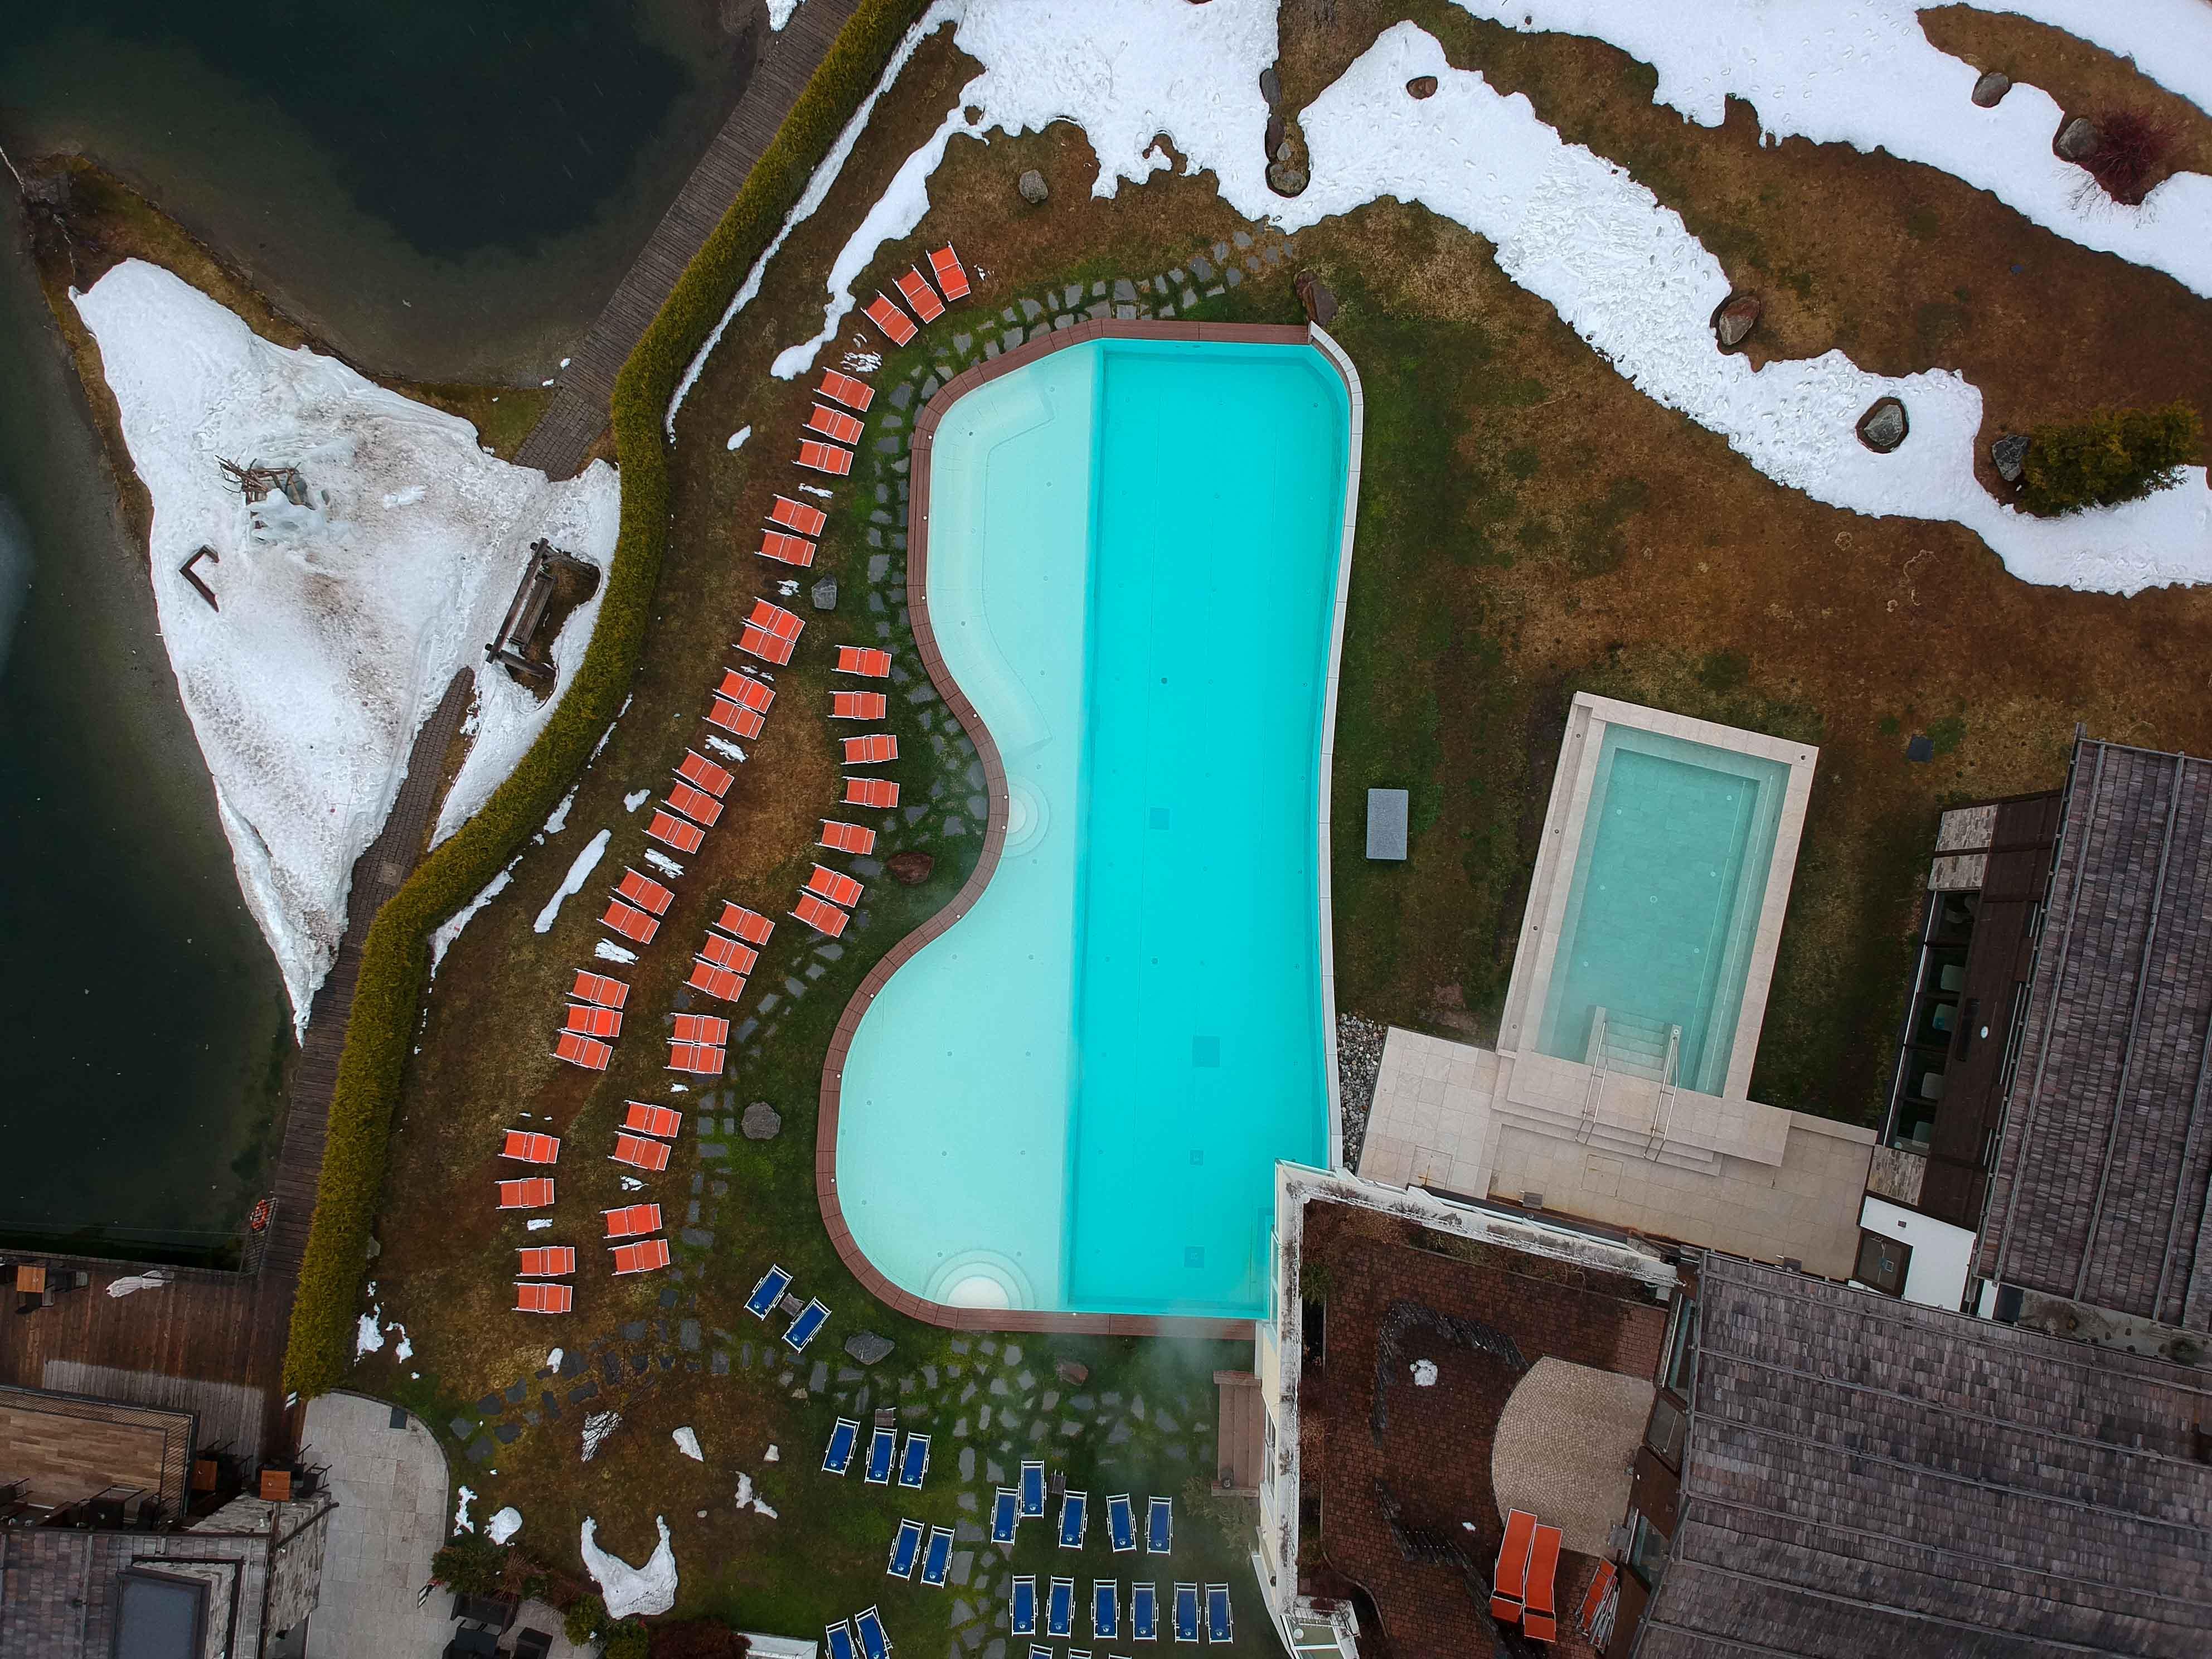 Südtirol-Hotel-Schneeberg-Italien-Wellnesshotel-Reiseblog-Wellnessurlaub-Kurzurlaub-Hotelempfehlung-Skiurlaub-Winterurlaub-Balkon-Berge-Pool-Winterlandschaft-Drone